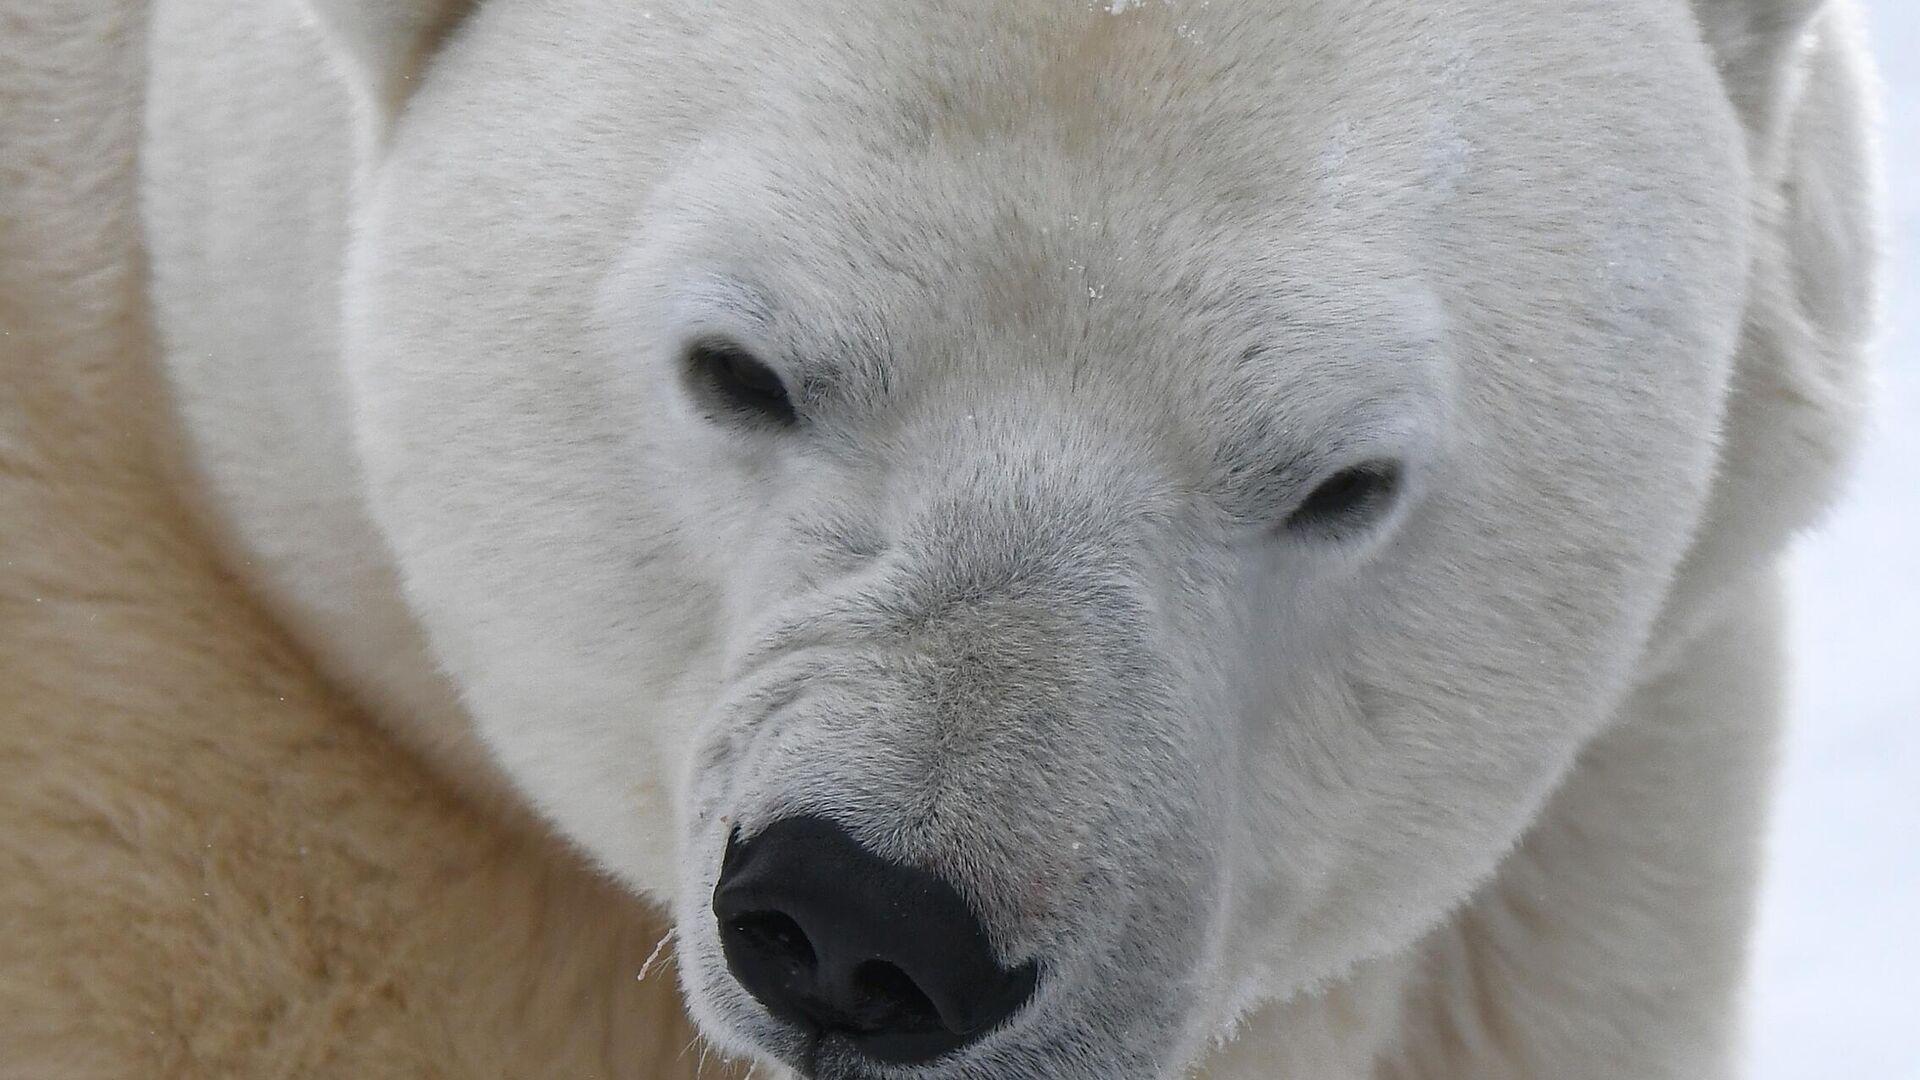 Un oso polar - Sputnik Mundo, 1920, 02.03.2021